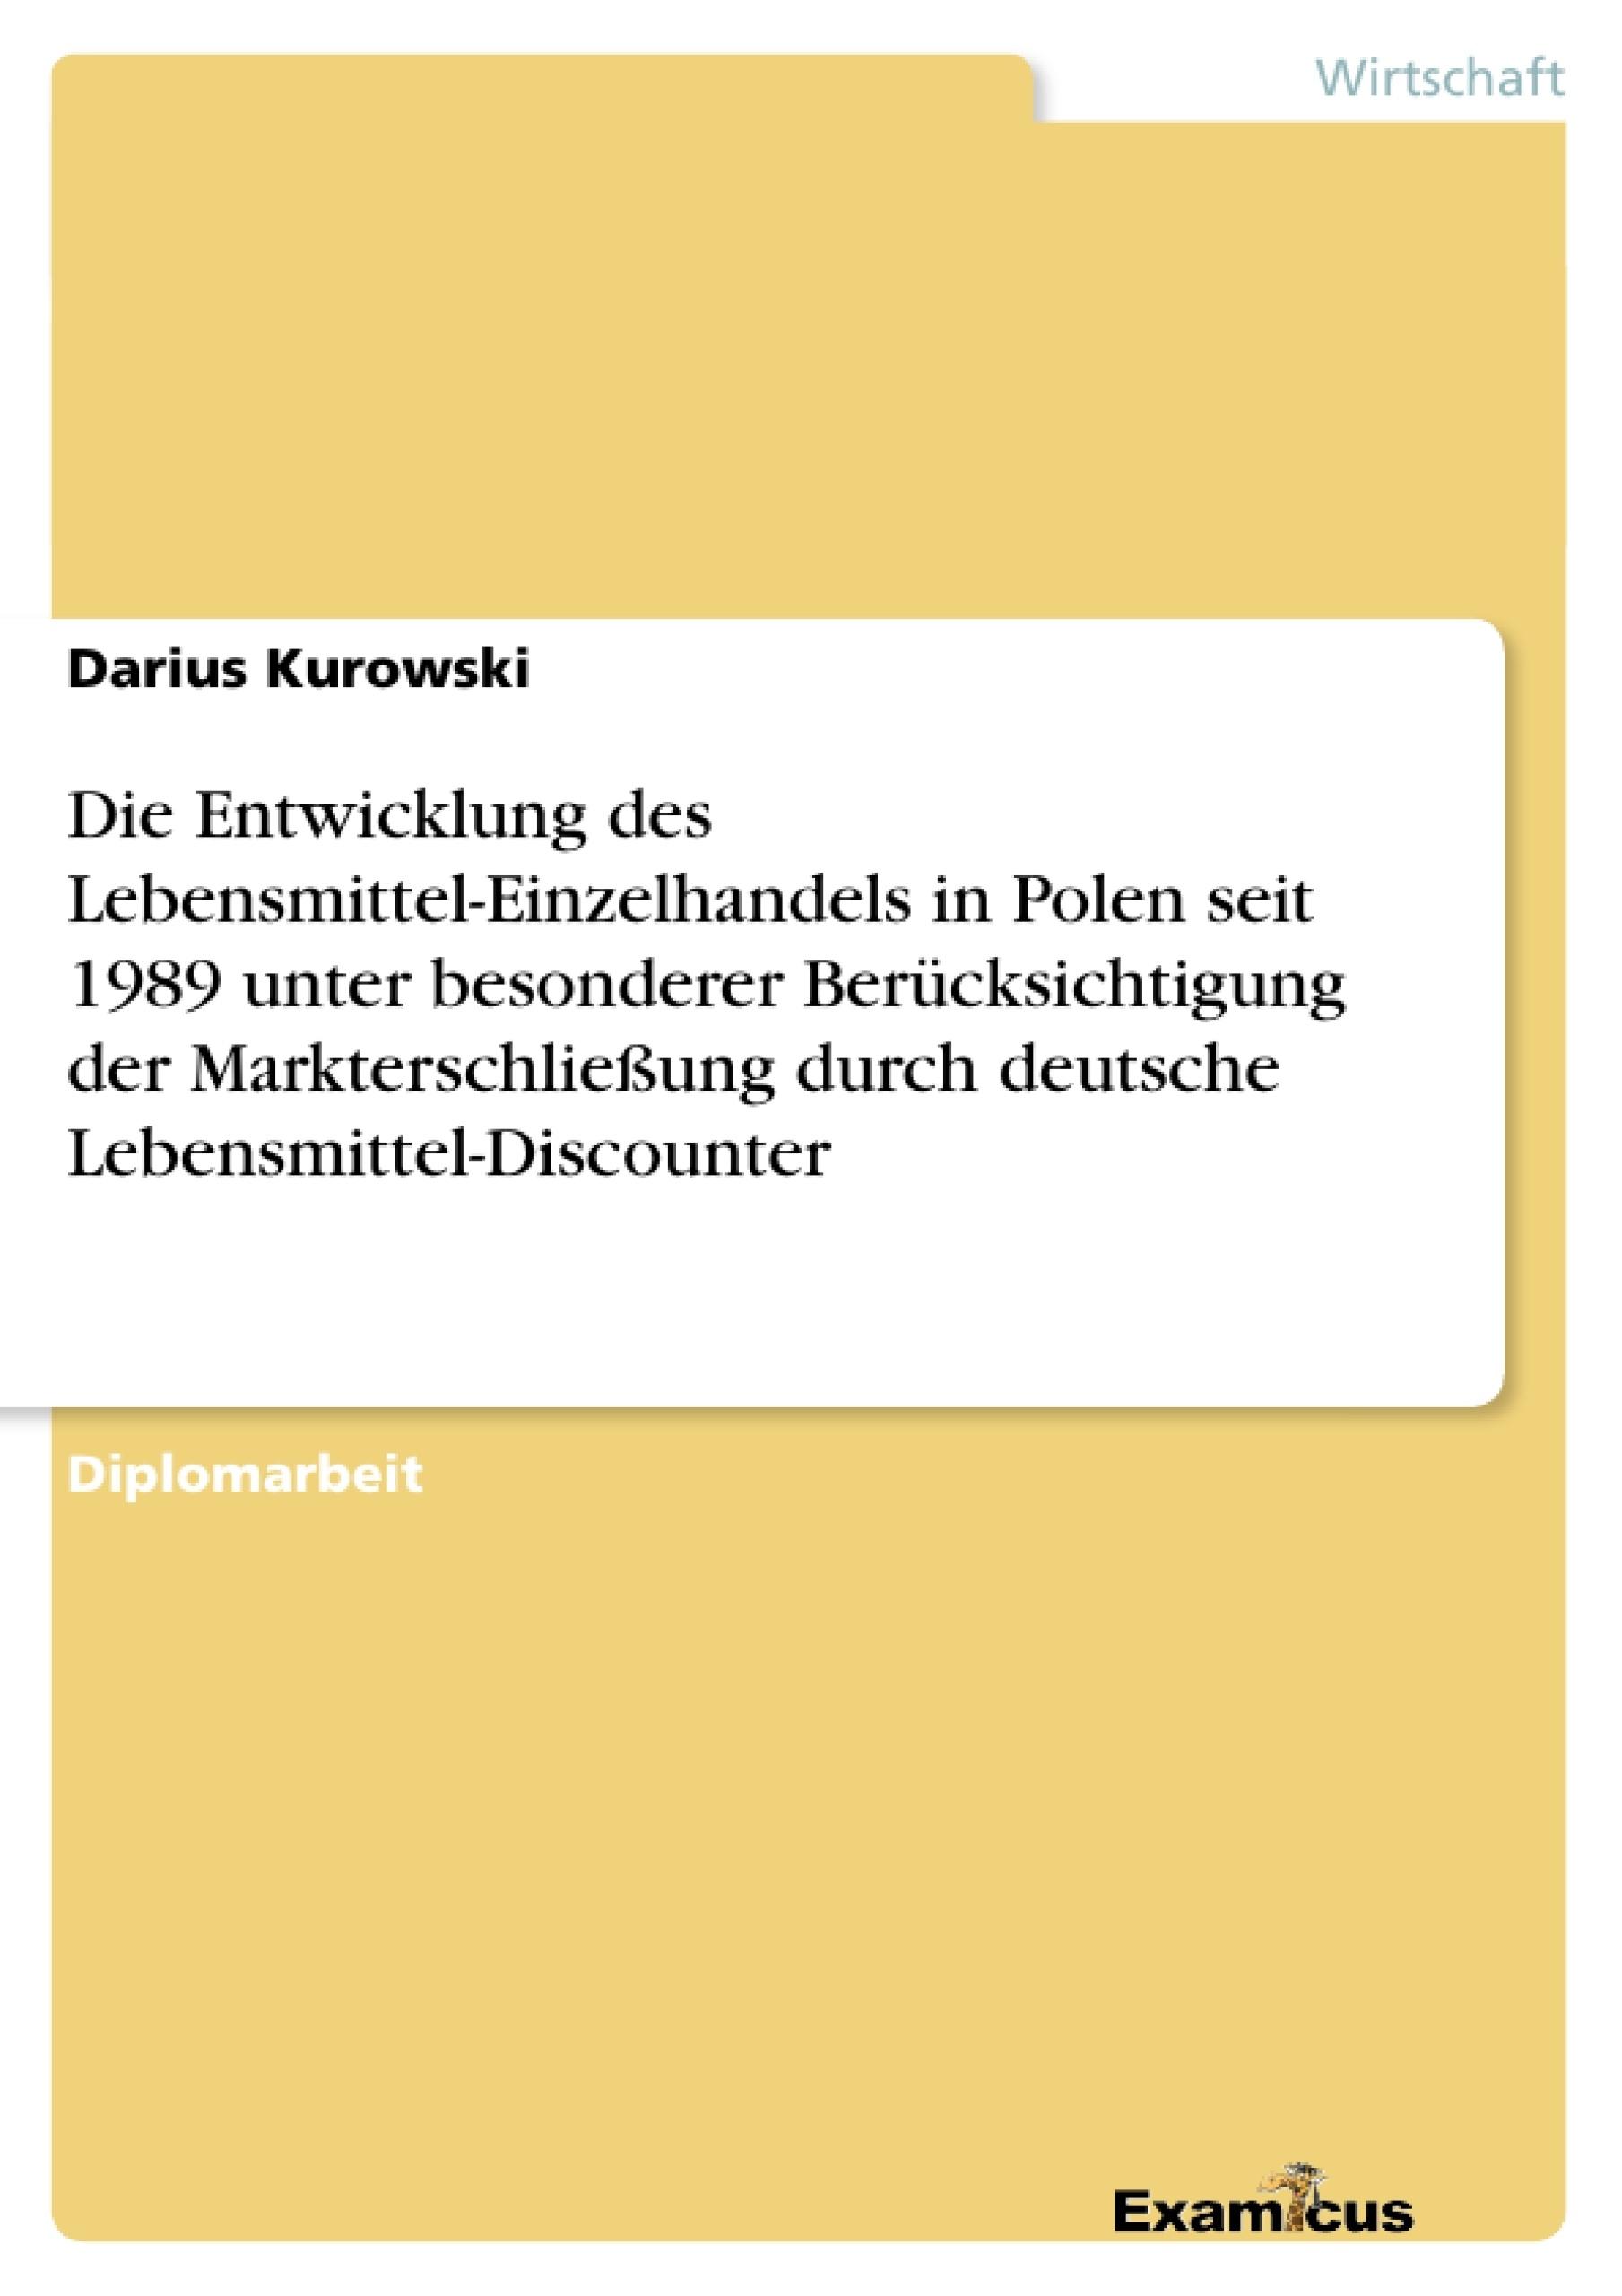 Titel: Die Entwicklung des Lebensmittel-Einzelhandels in Polen seit 1989 unter besonderer Berücksichtigung der Markterschließung durch deutsche Lebensmittel-Discounter